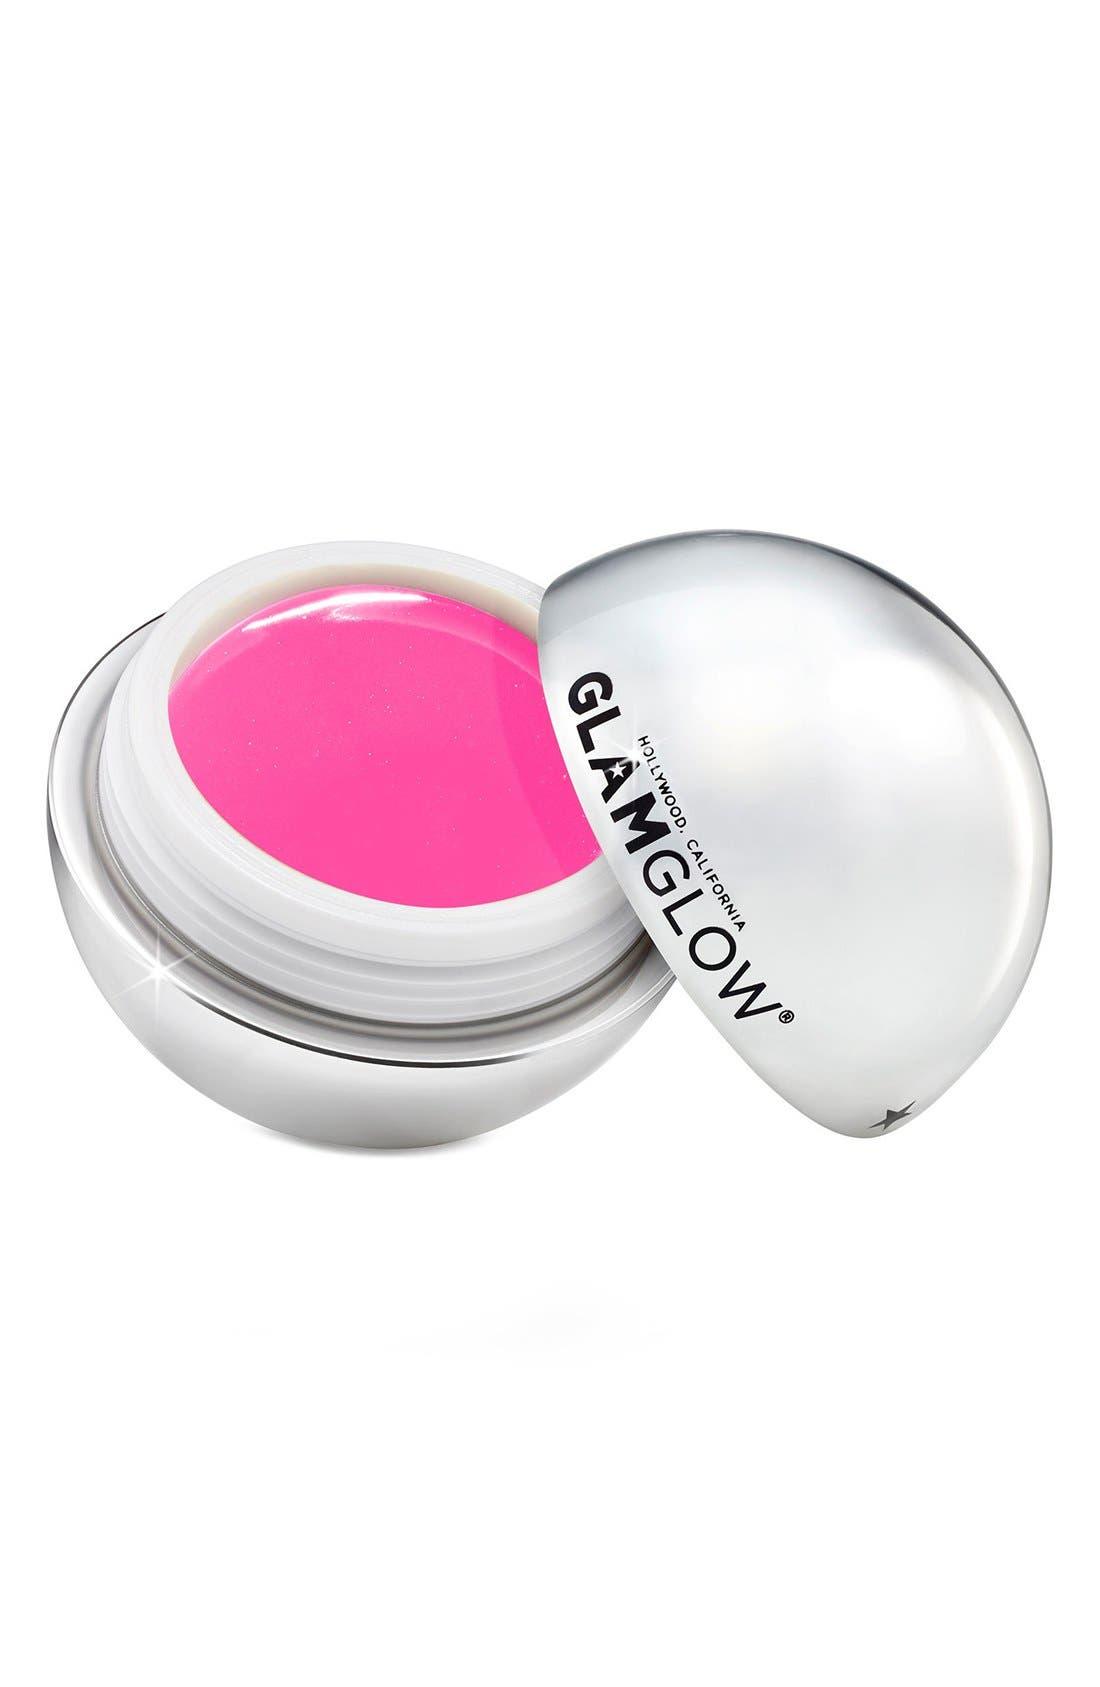 GLAMGLOW® POUTMUD™ Wet Lip Balm Tint